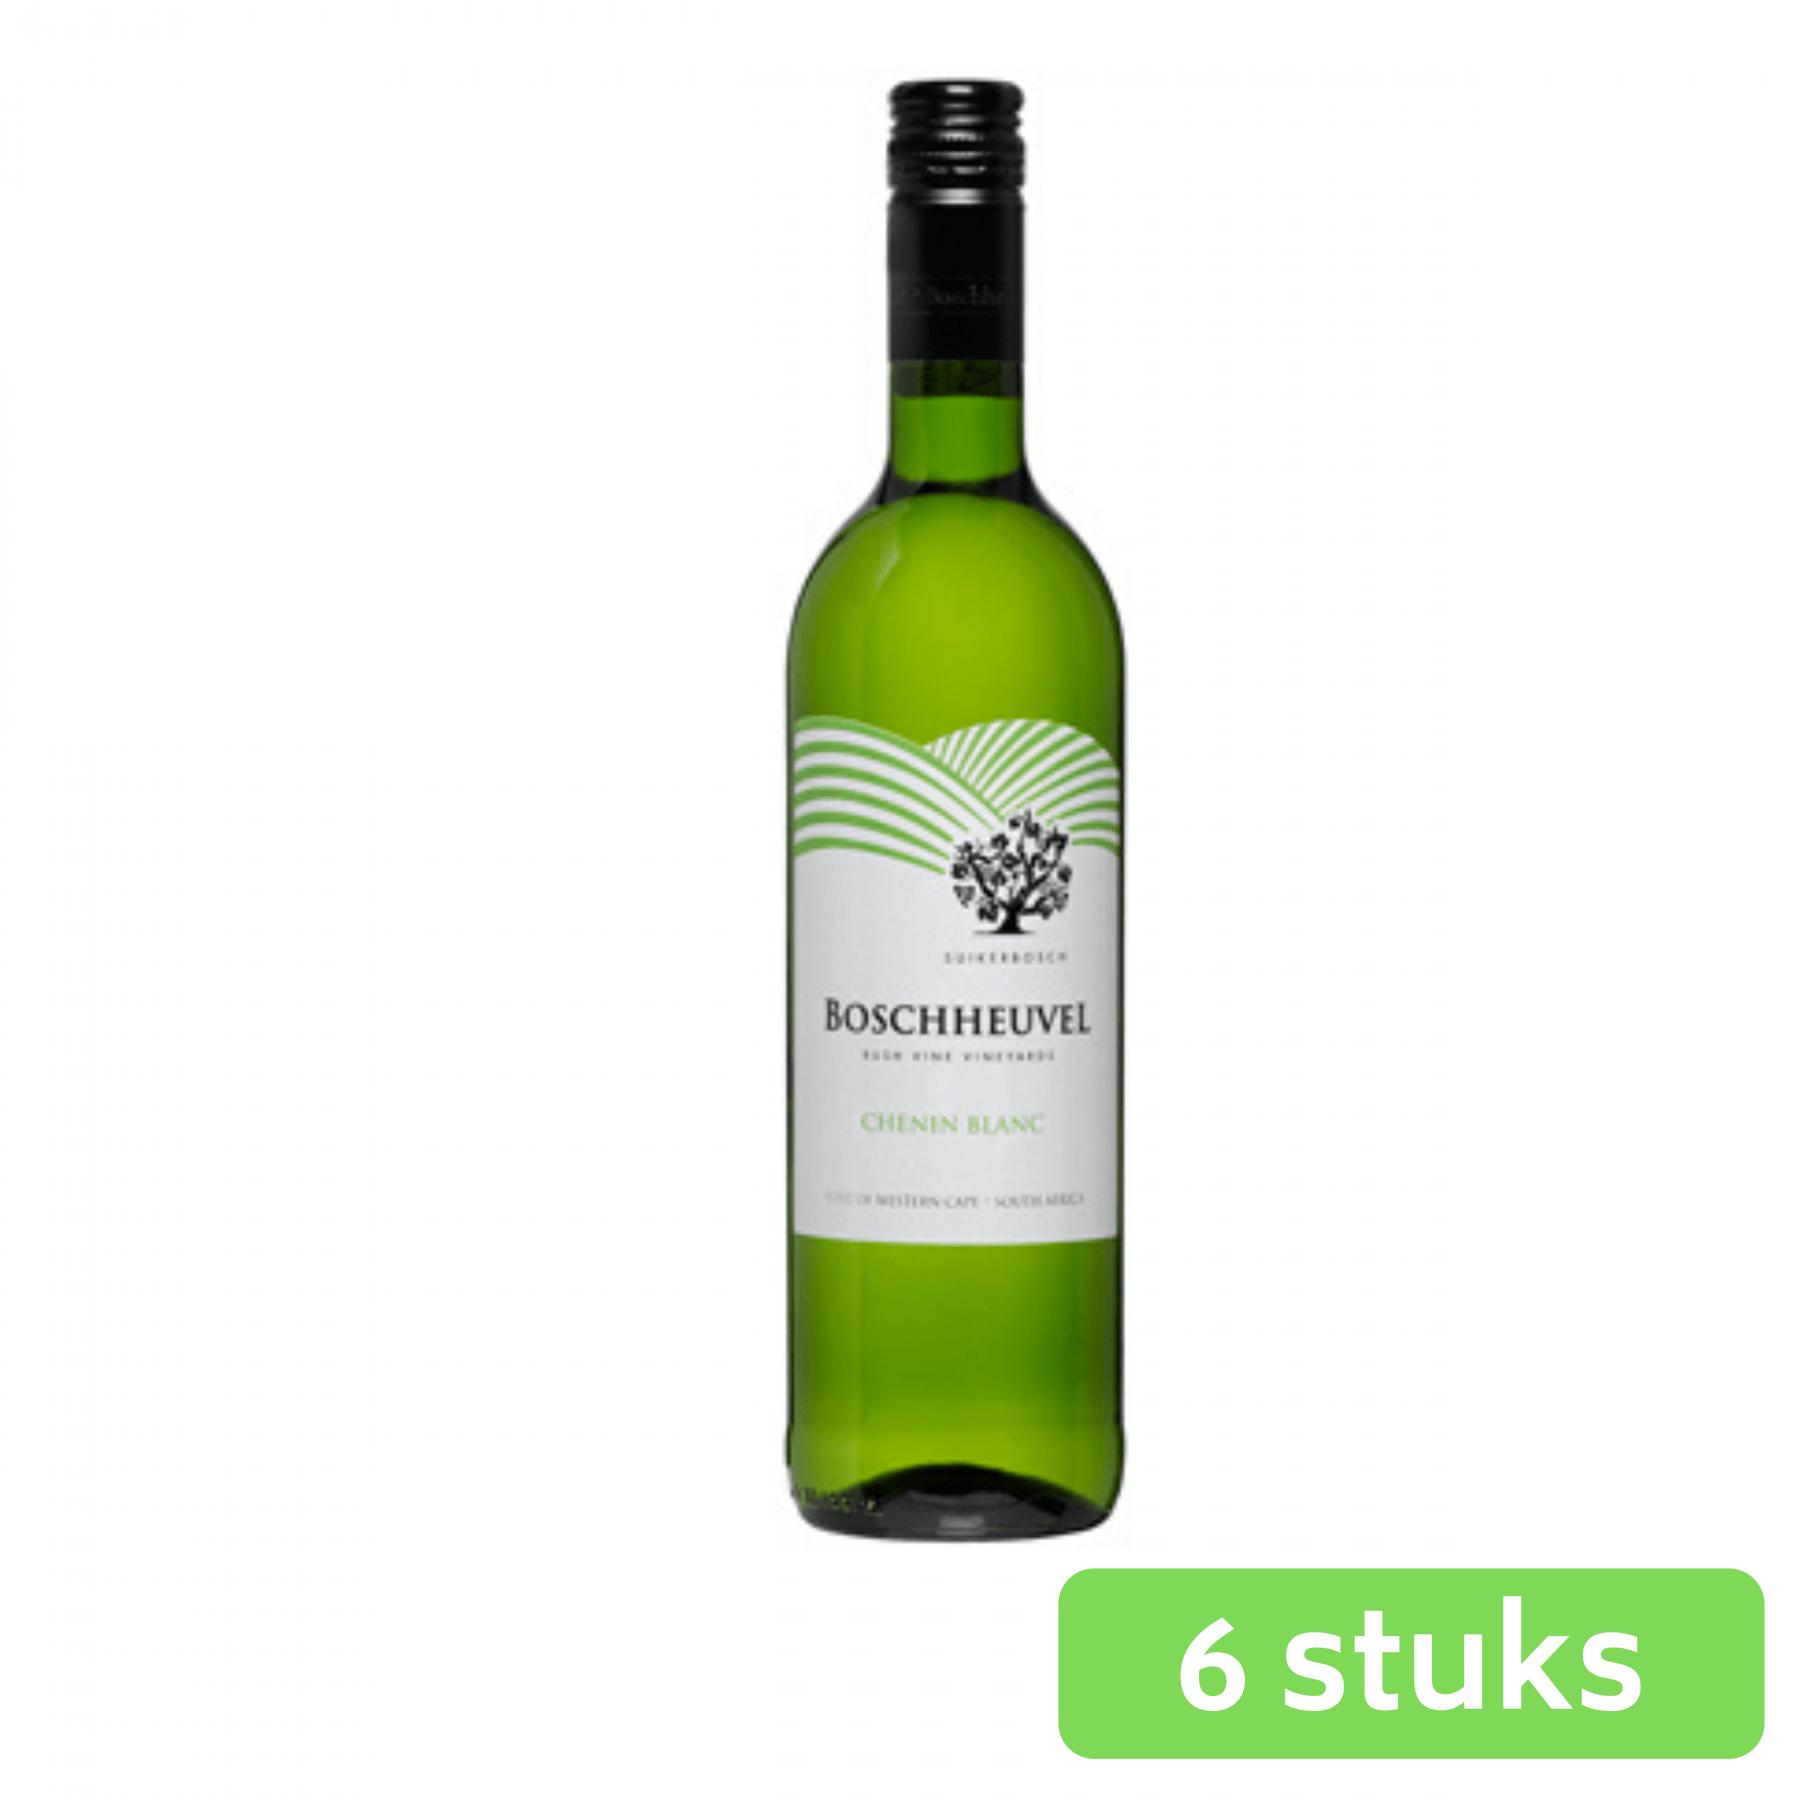 Suikerbosch Chenin Blanc | Witte wijn | Fles 6 x 0,75 liter